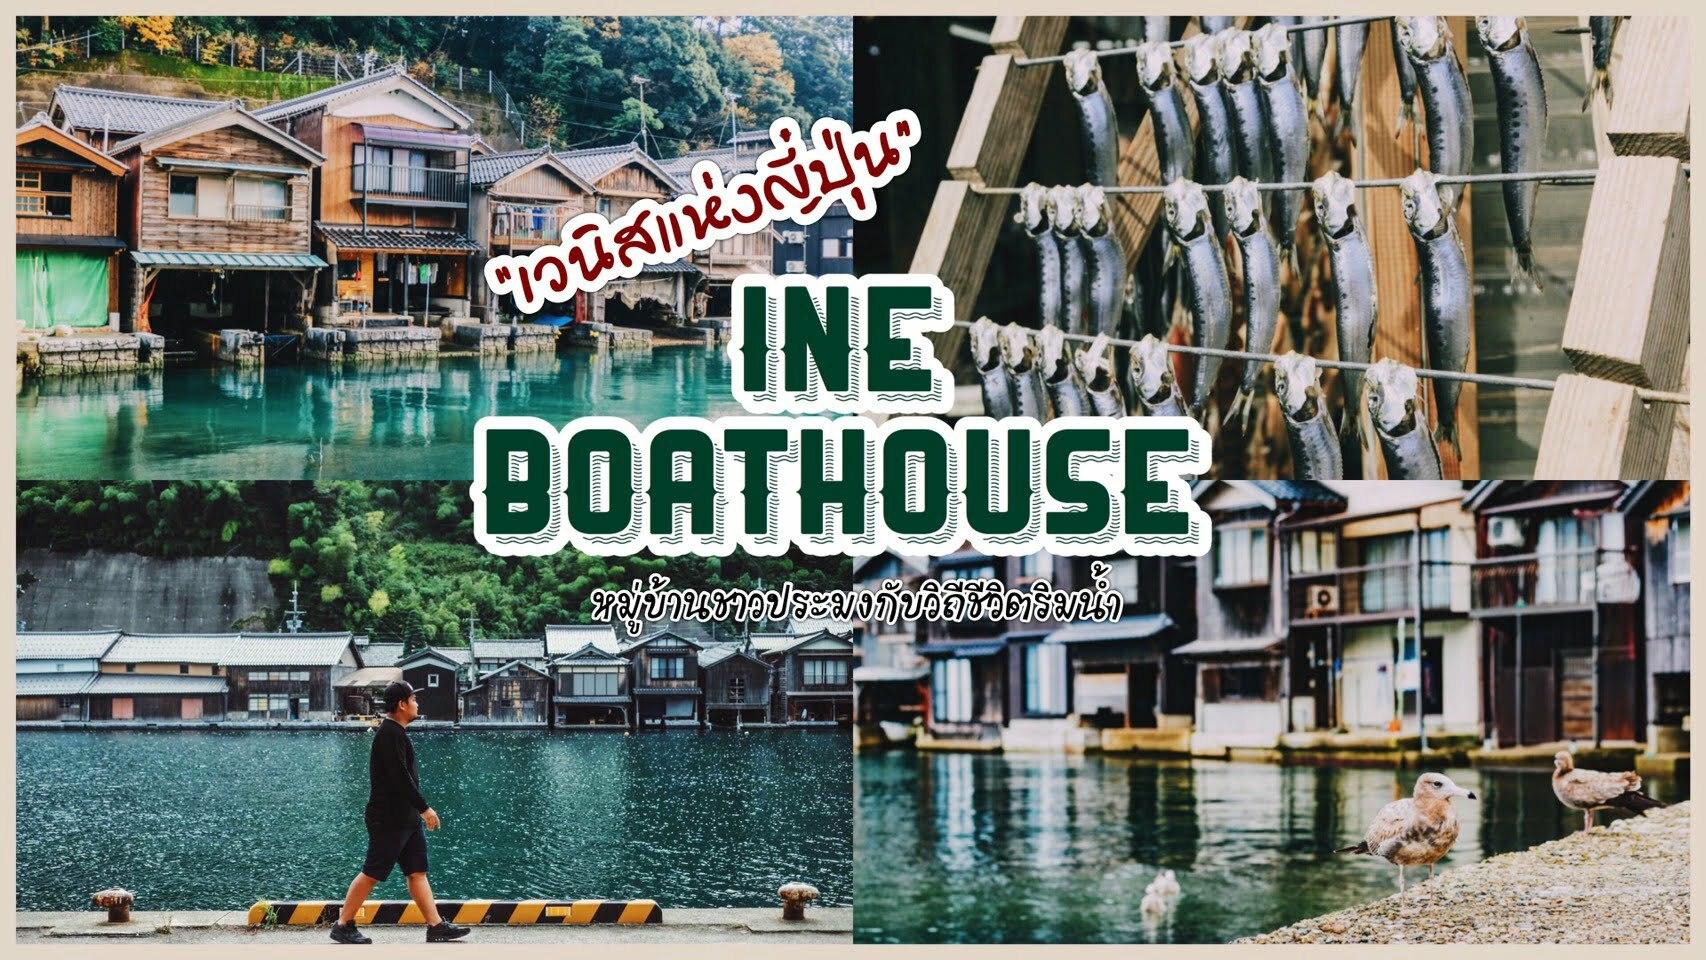 """ทัวร์ญี่ปุ่น – เที่ยว """"เวนิสแห่งญี่ปุ่น"""" หมู่บ้านชาวประมงอิเนะกับวิถีชีวิตริมน้ำ"""